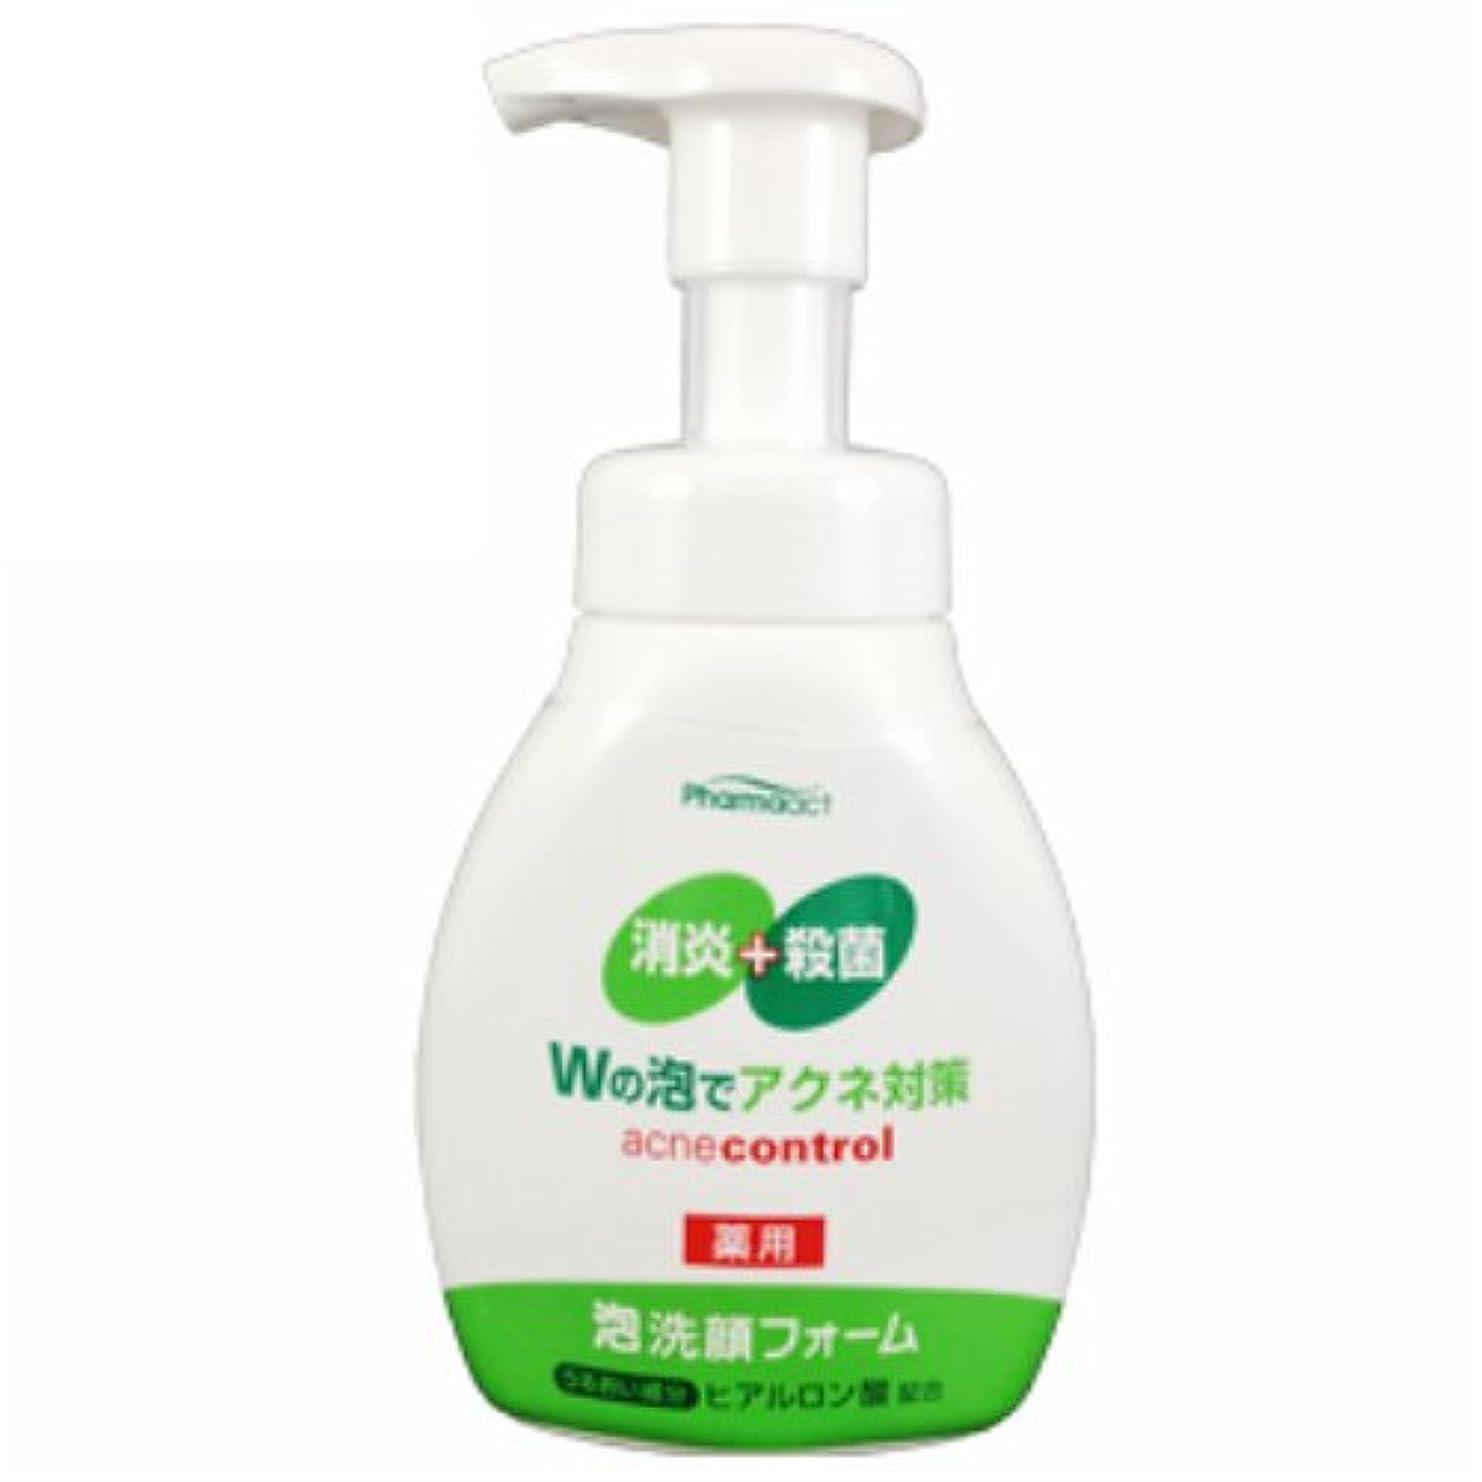 ユーザーリビジョン内陸ファーマアクト アクネ対策 薬用 泡洗顔フォーム 180ml